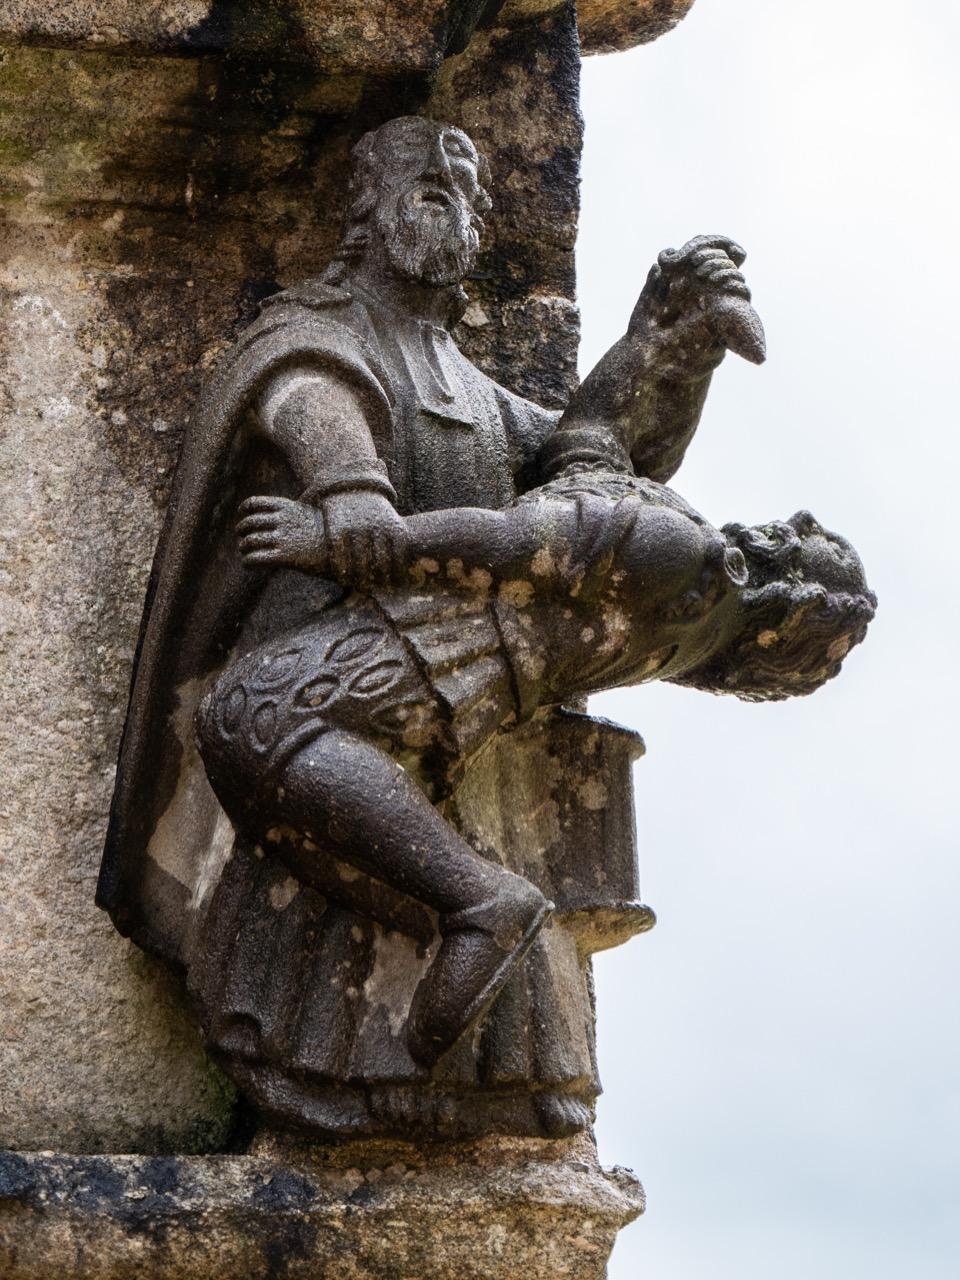 Calvaire, Nordseite, Petrus schneidet dem Soldaten ein Ohr ab